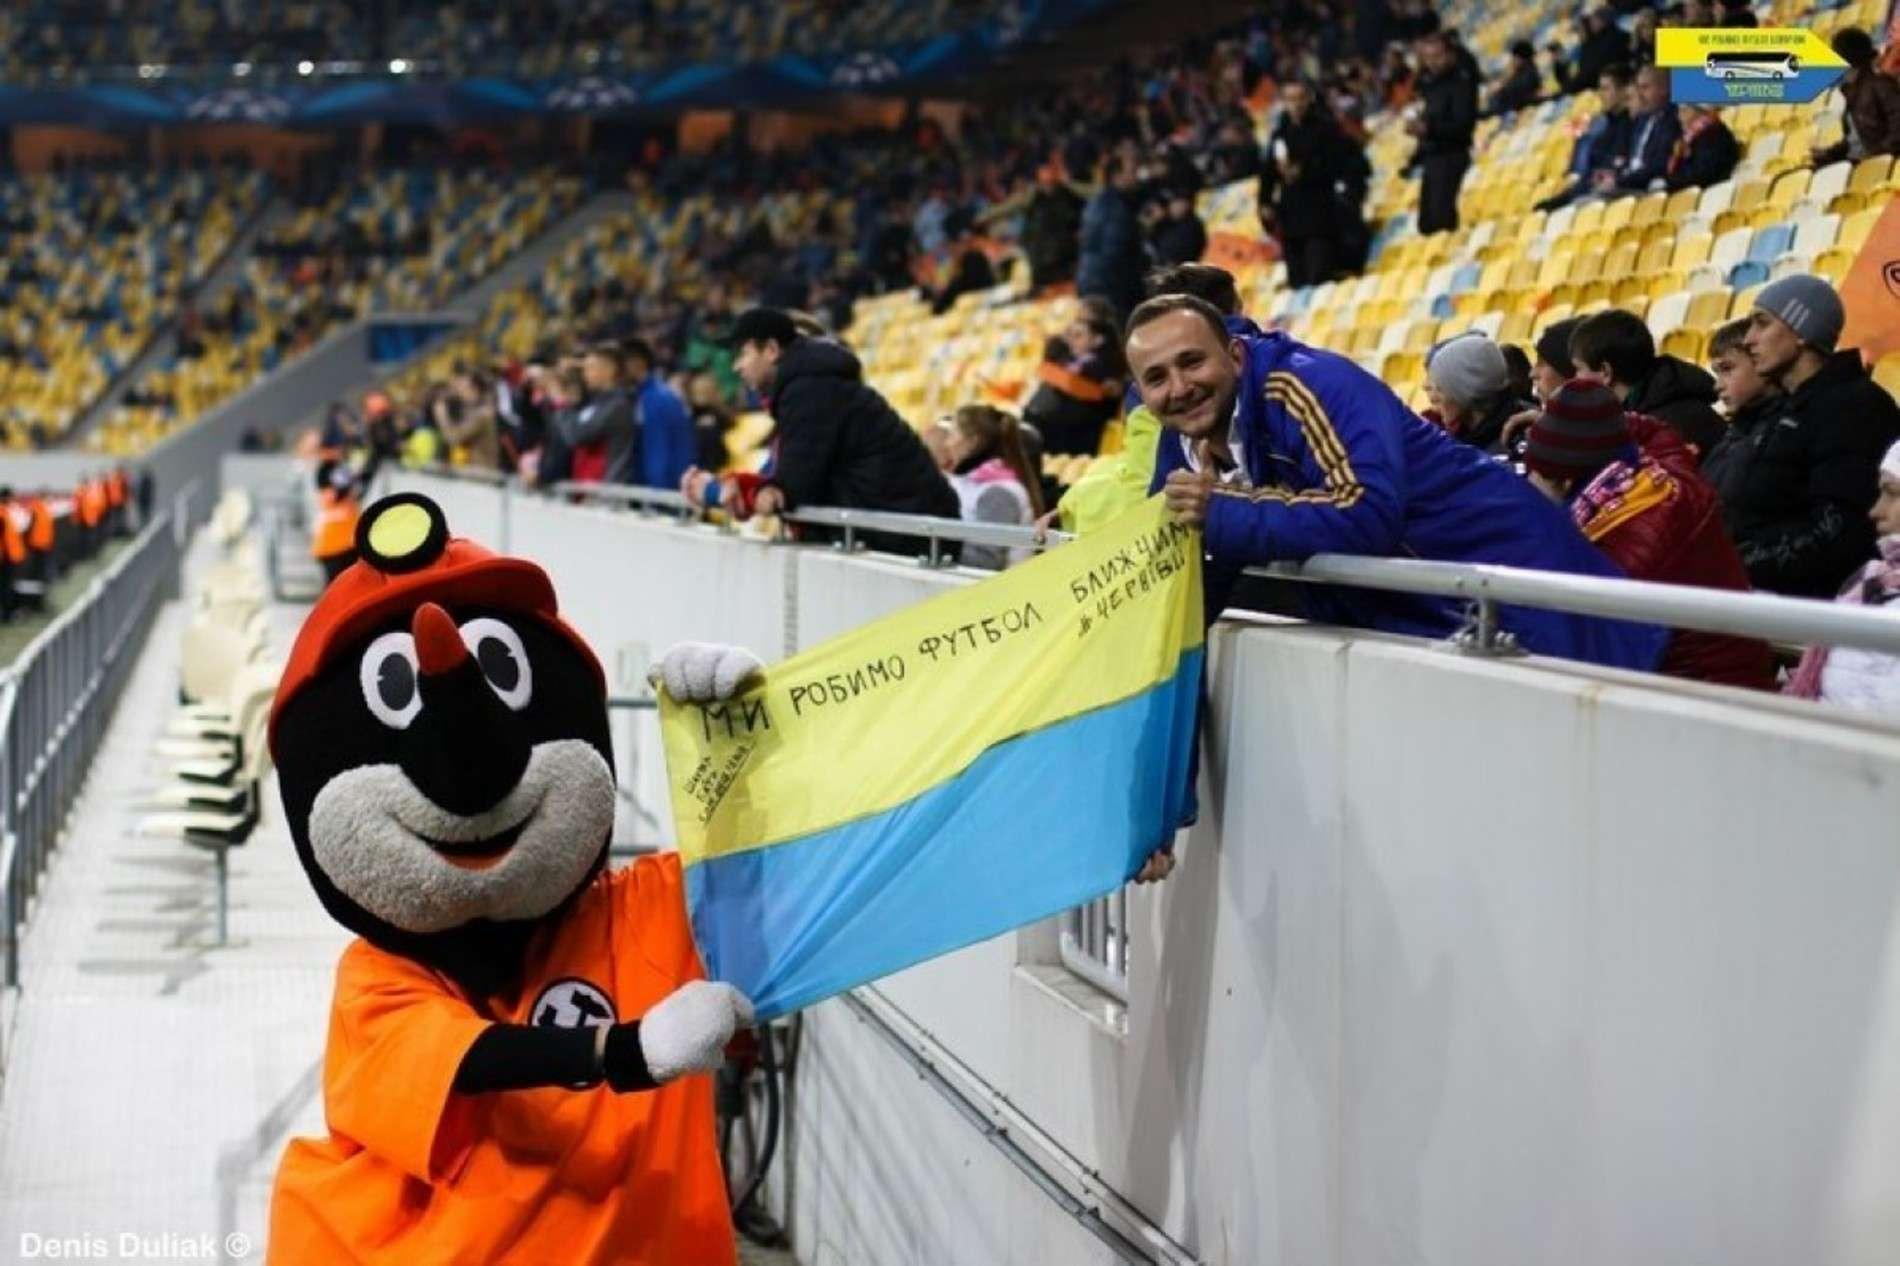 Чернівчани розгорнули український прапор на матчі Мілан - Інтер